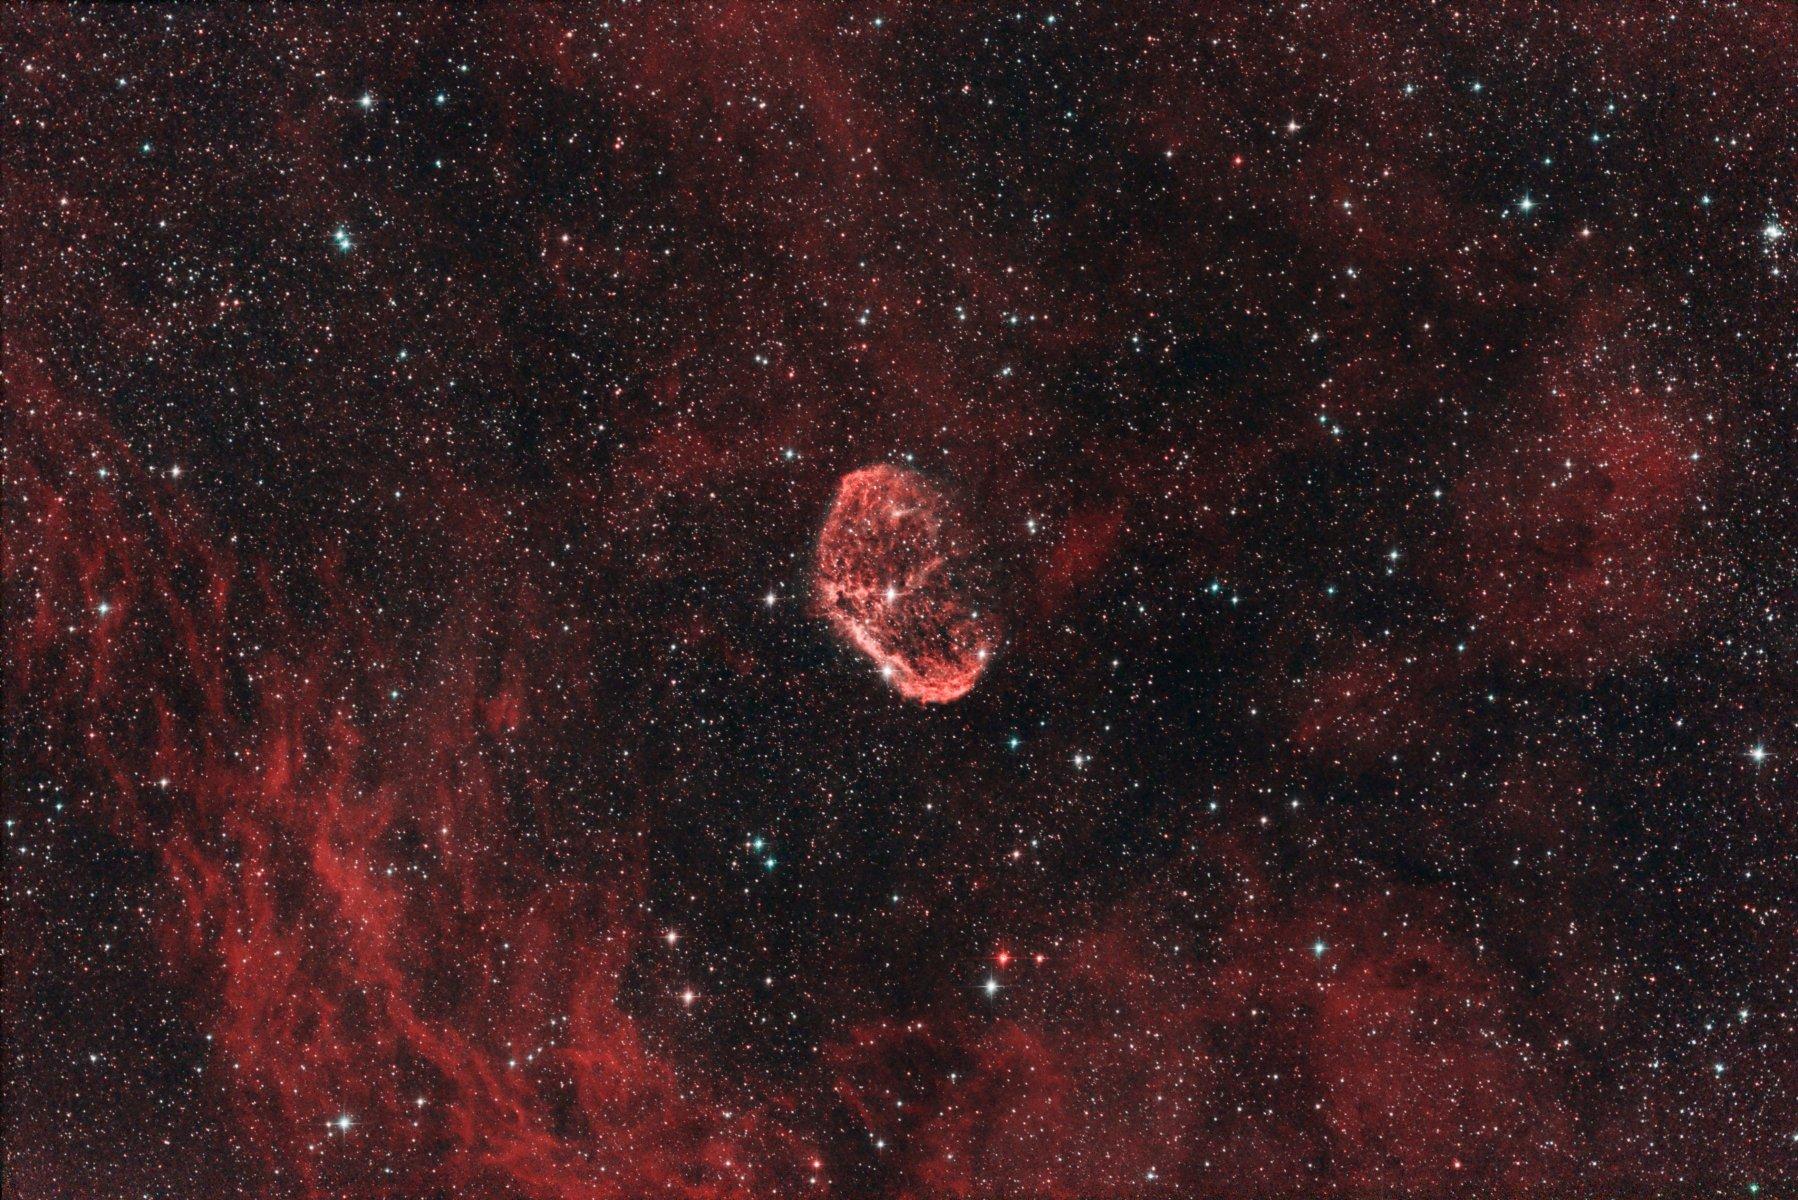 NGC6888_DRZ2X_PCC_DBE_HT_CT.jpg